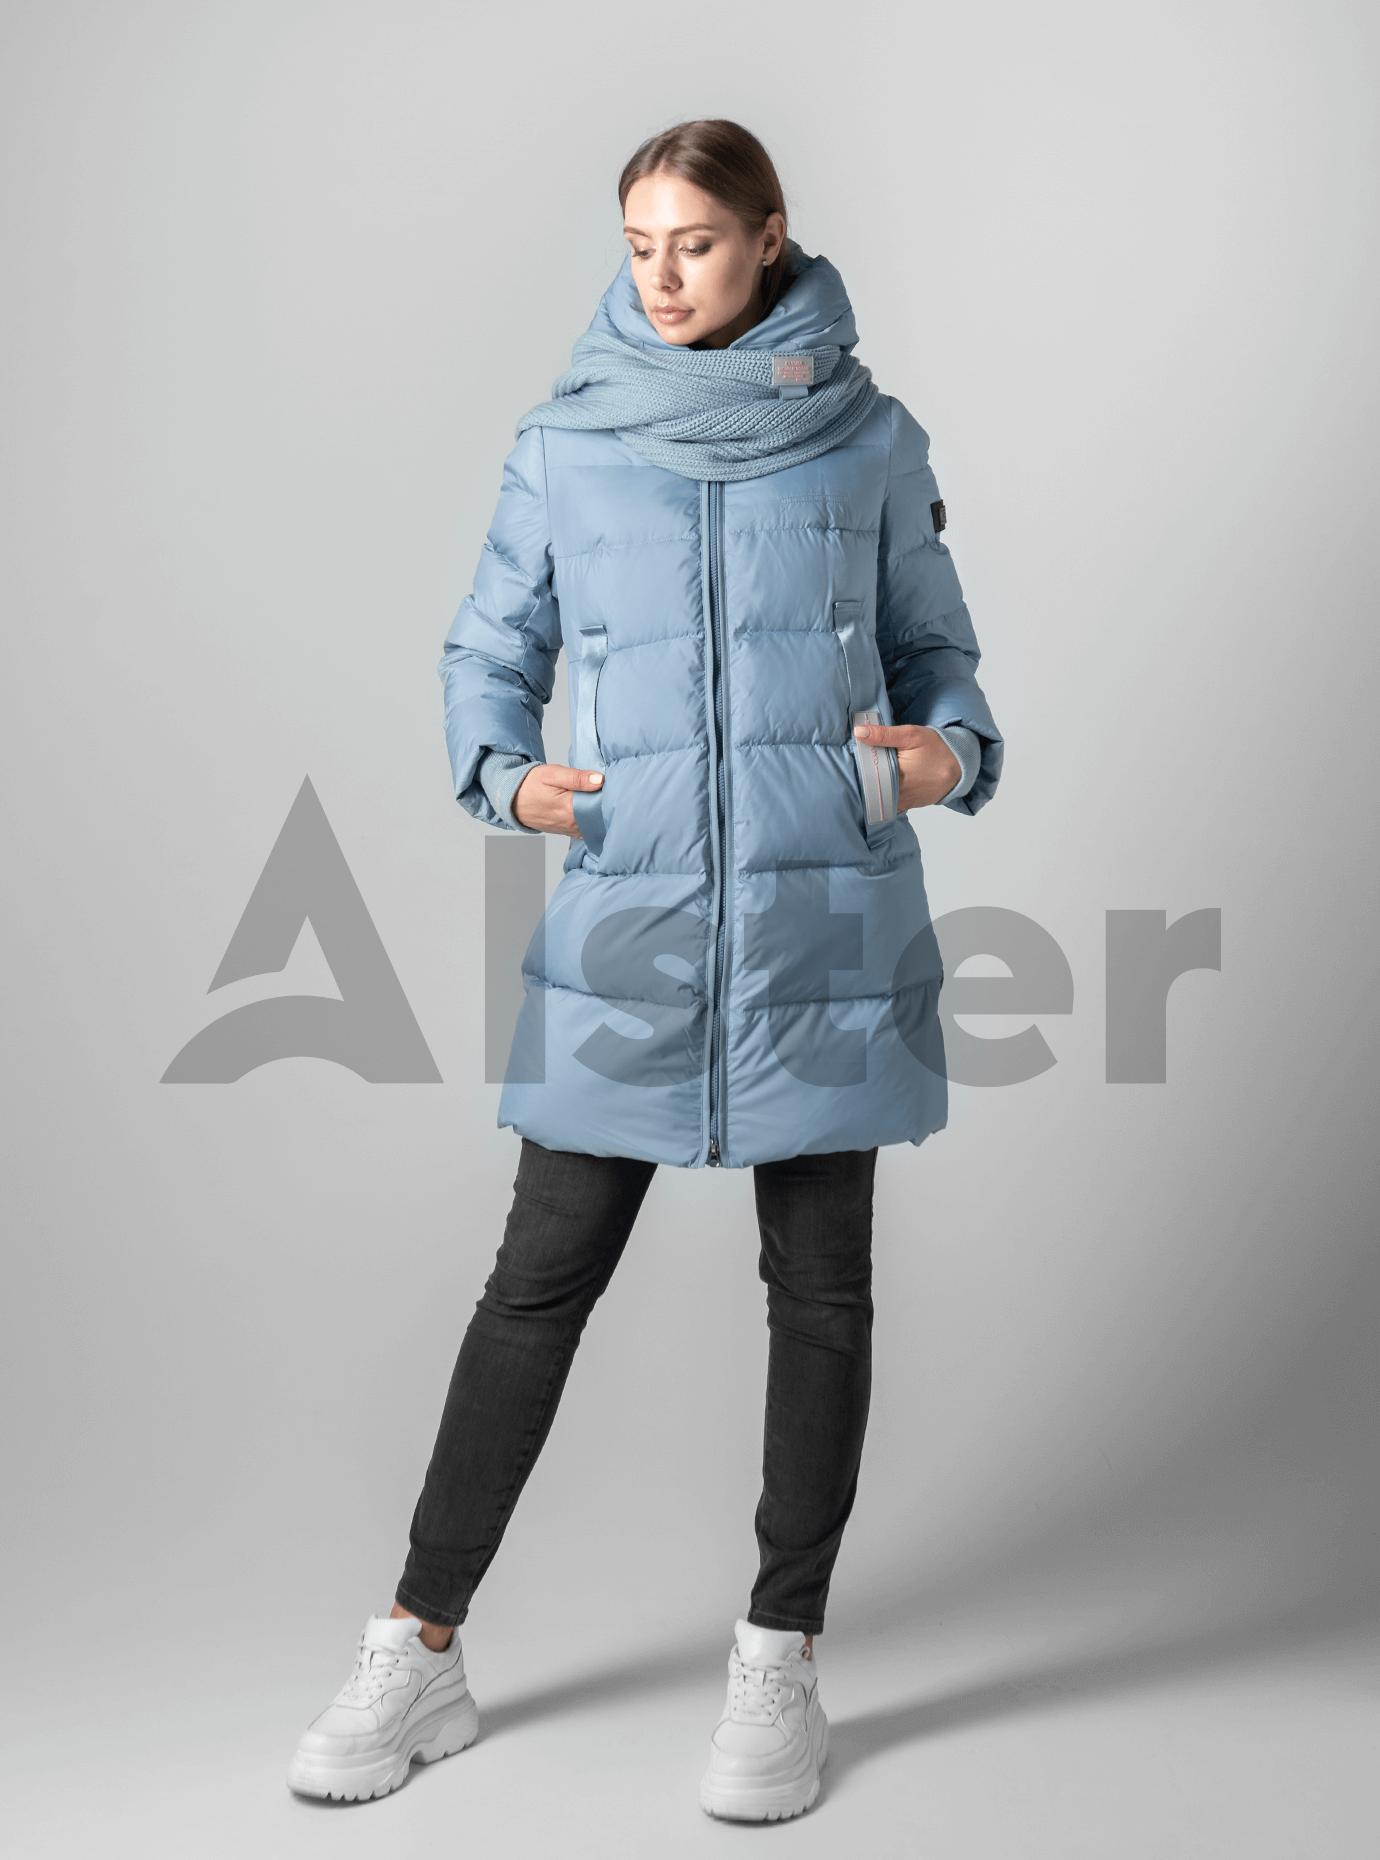 Куртка зимняя однотонная мятная Тёмно голубой XL (02-190140): фото - Alster.ua